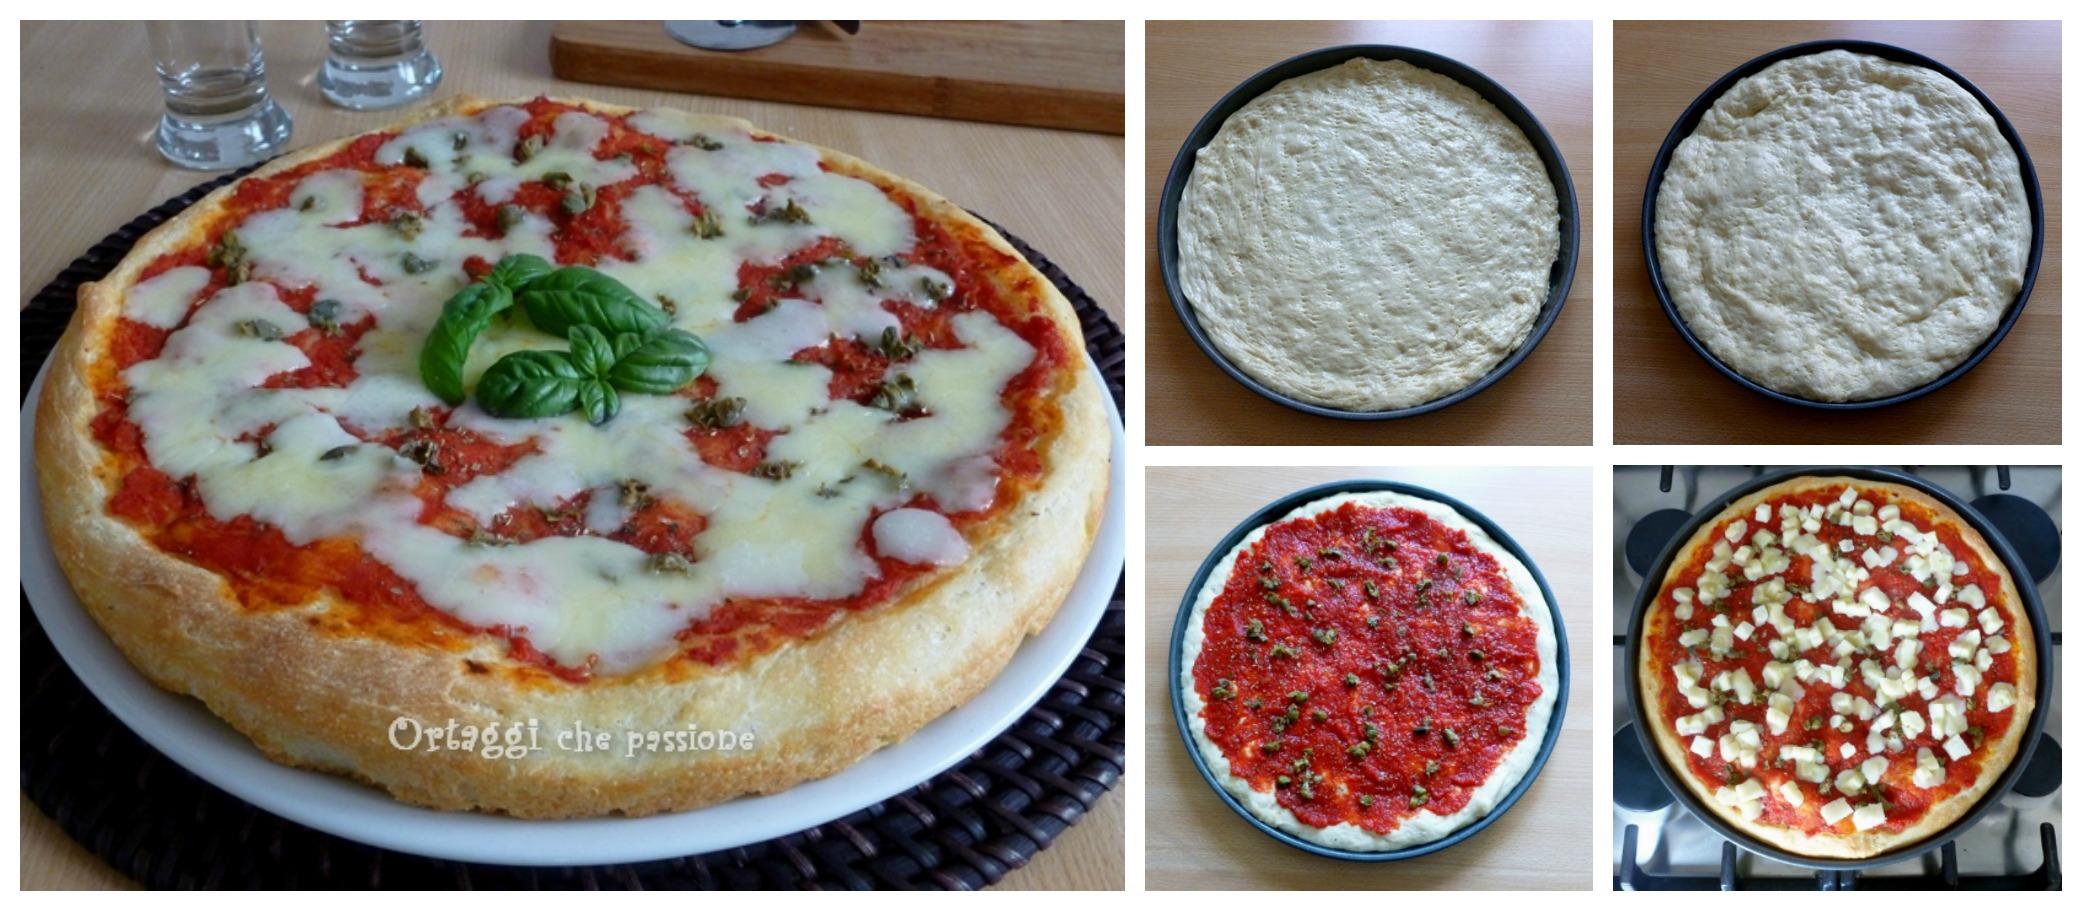 Pizza lunga lievitazione, pasta madre